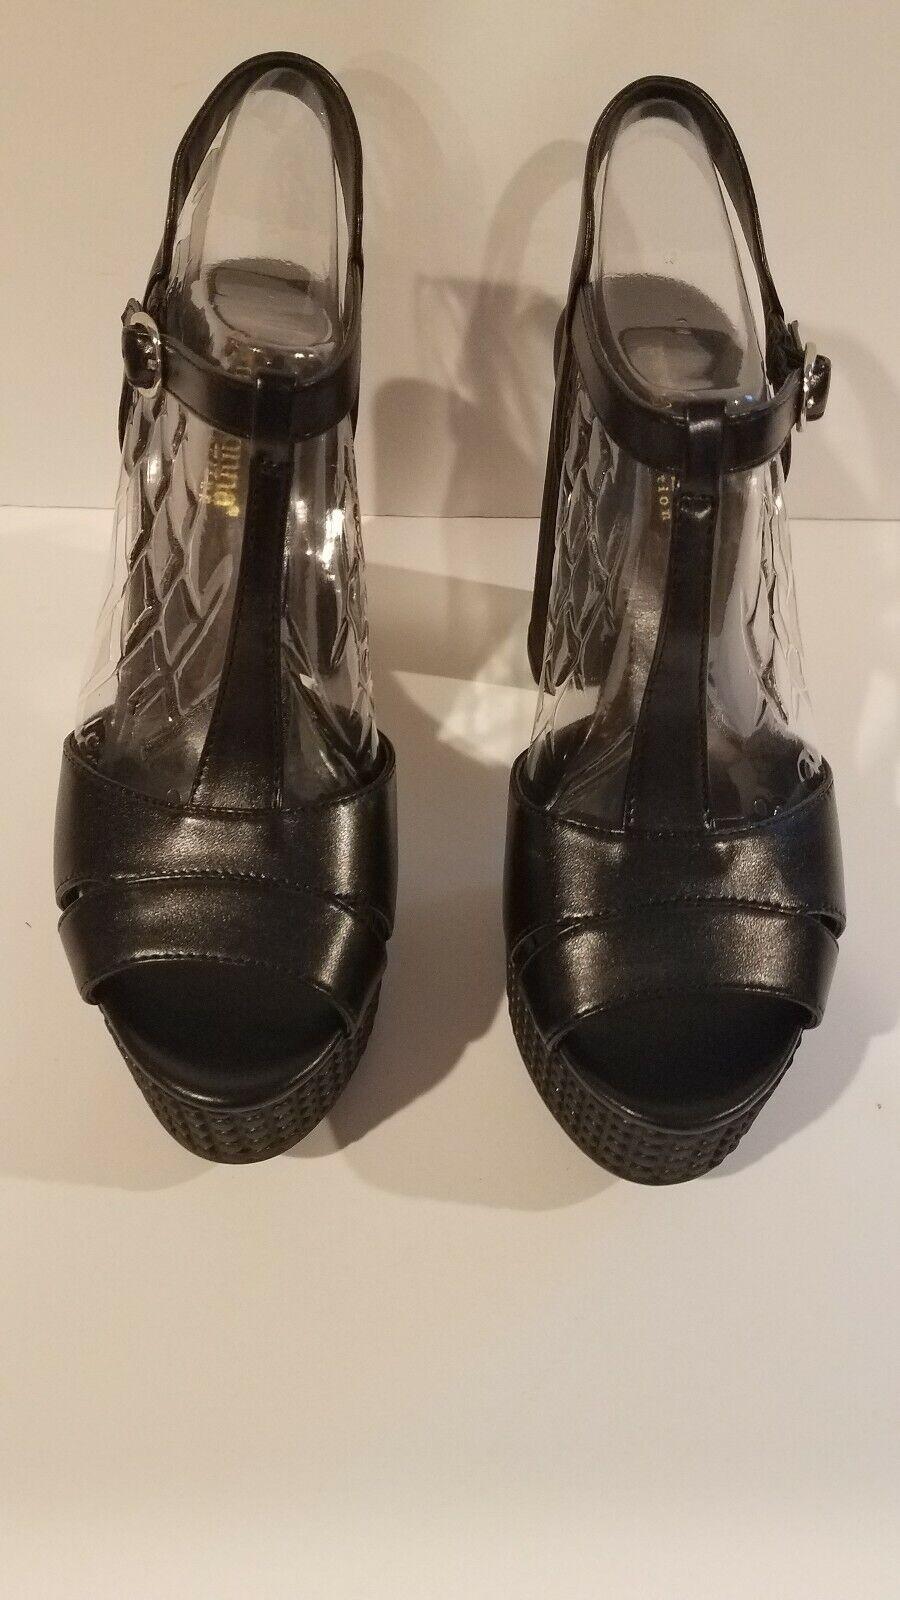 Primamujer colección colección colección euro para mujer Talla 39 EE. UU. Talla 8.5 Negro Nuevo Caja 7e225f